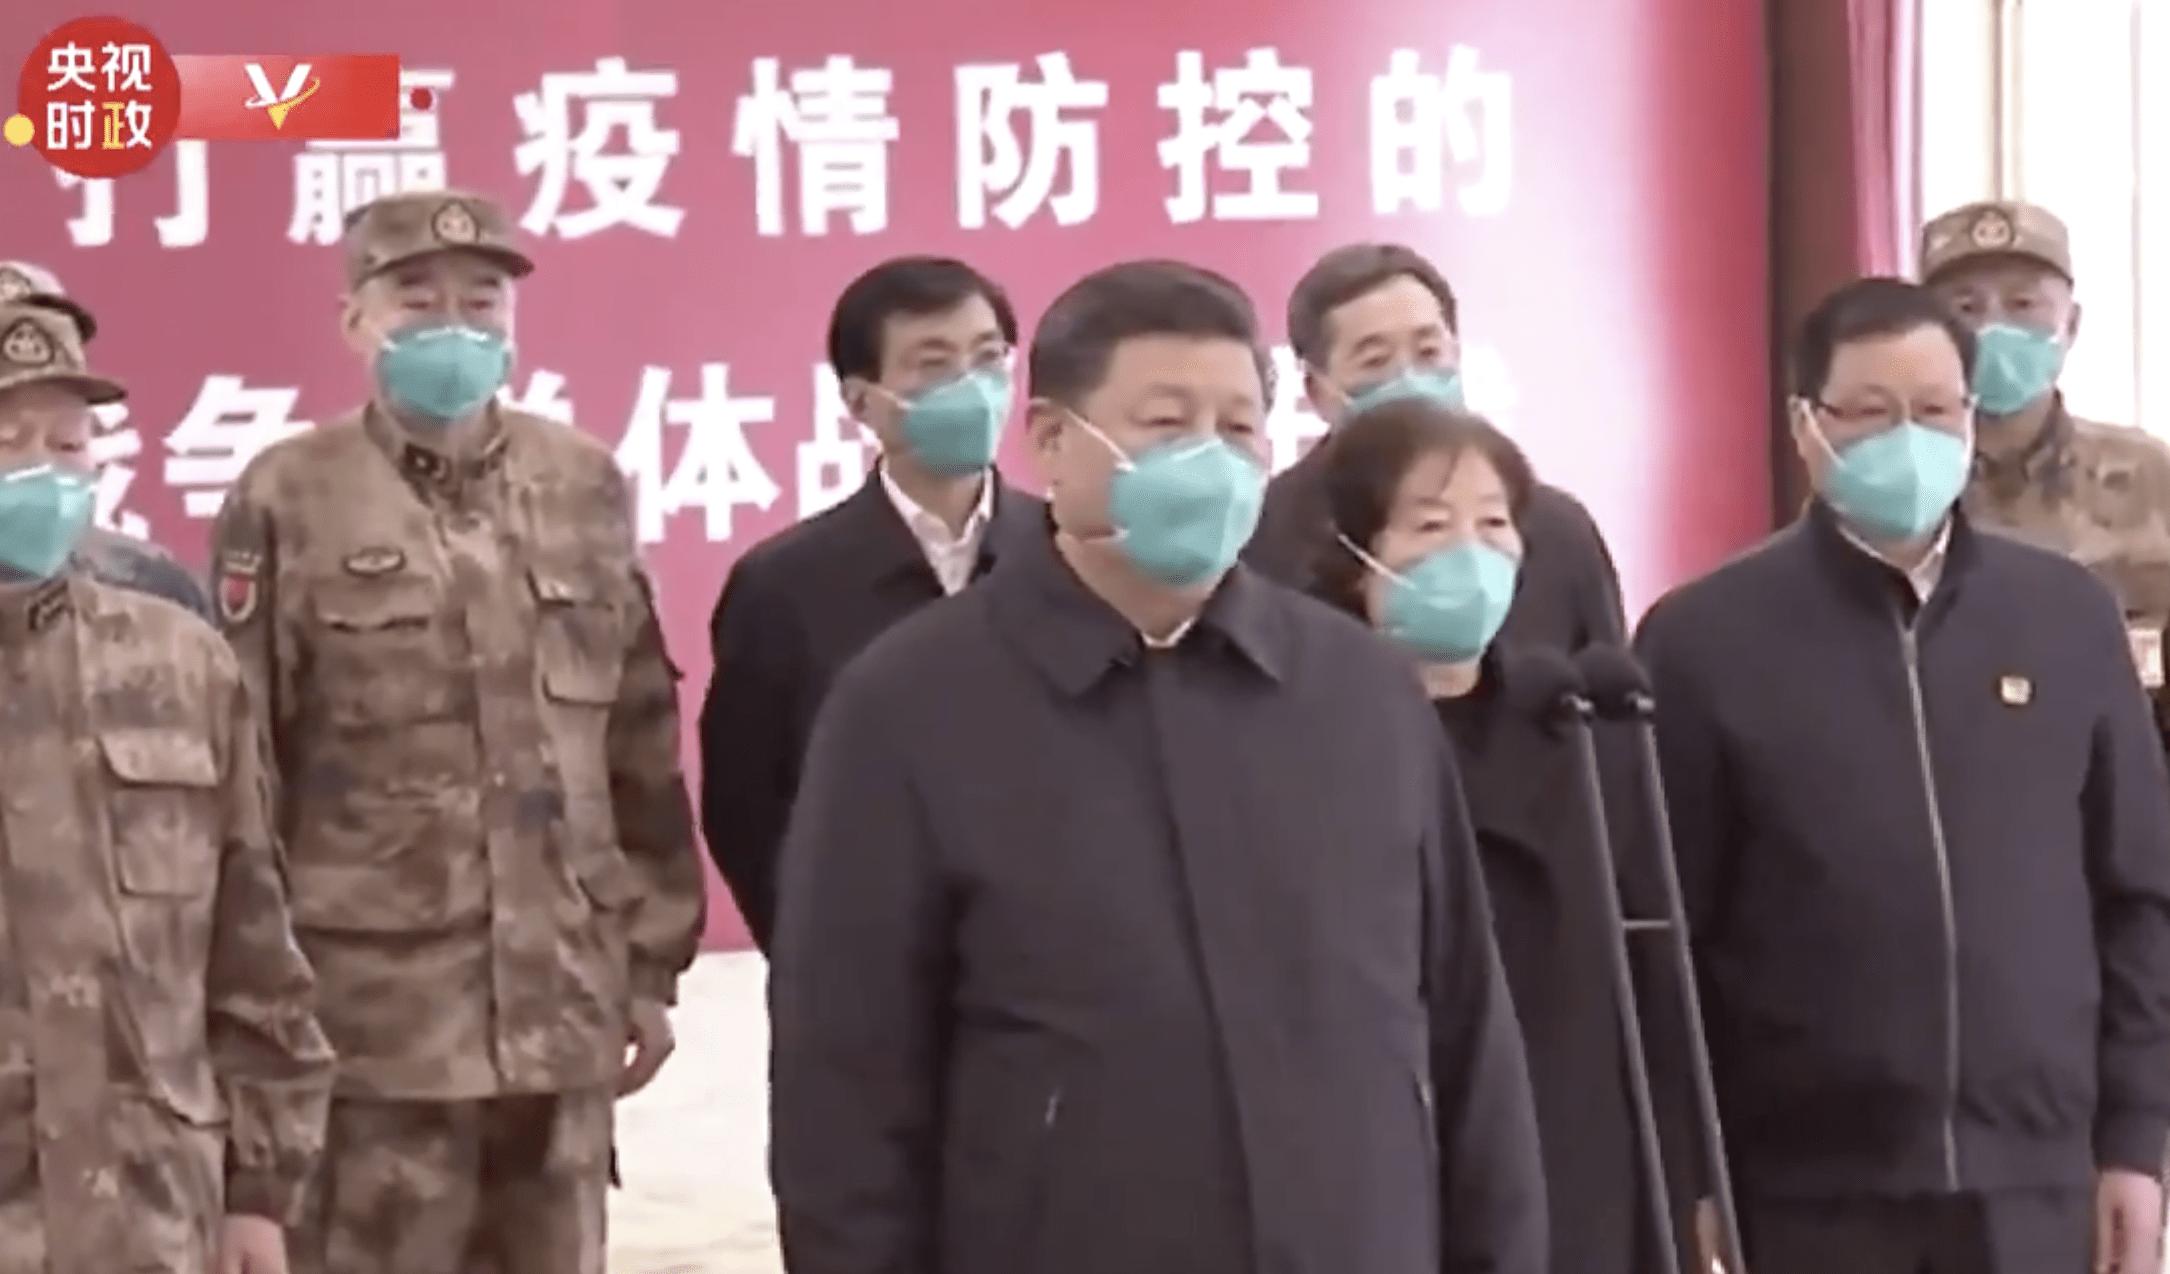 China levantará la cuarentena en Wuhan el próximo 8 de abril